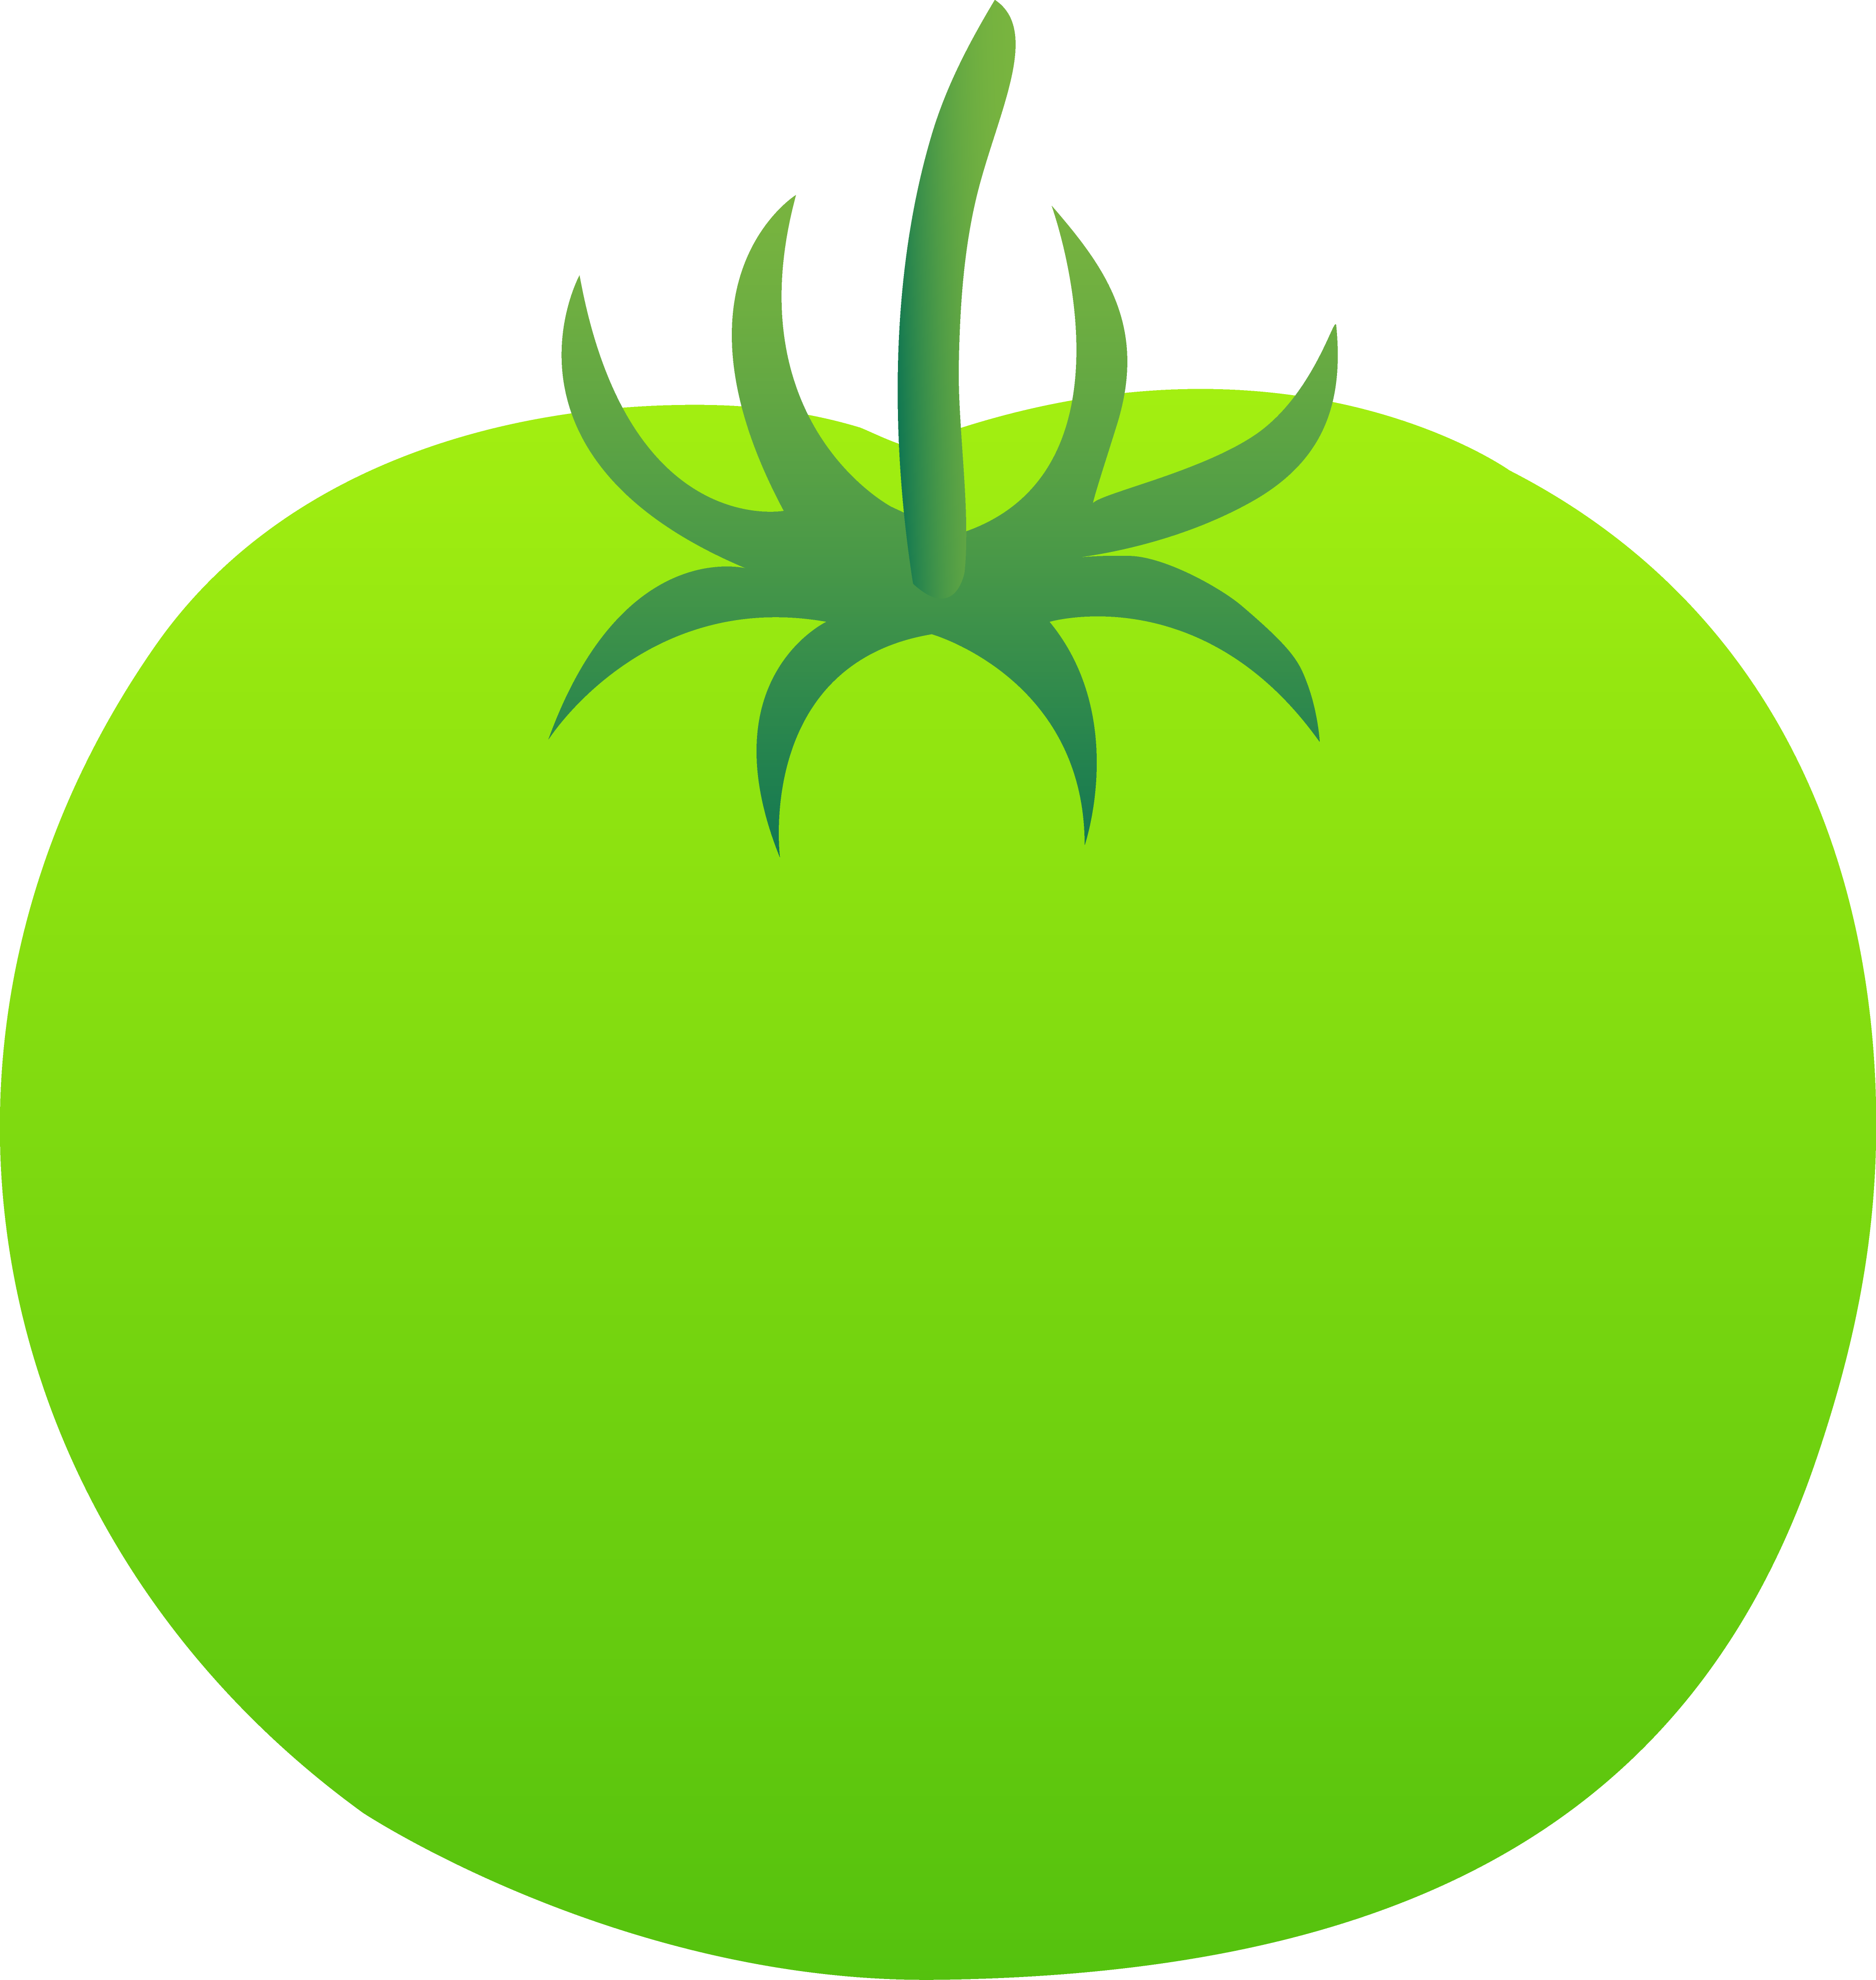 tomato%20clipart